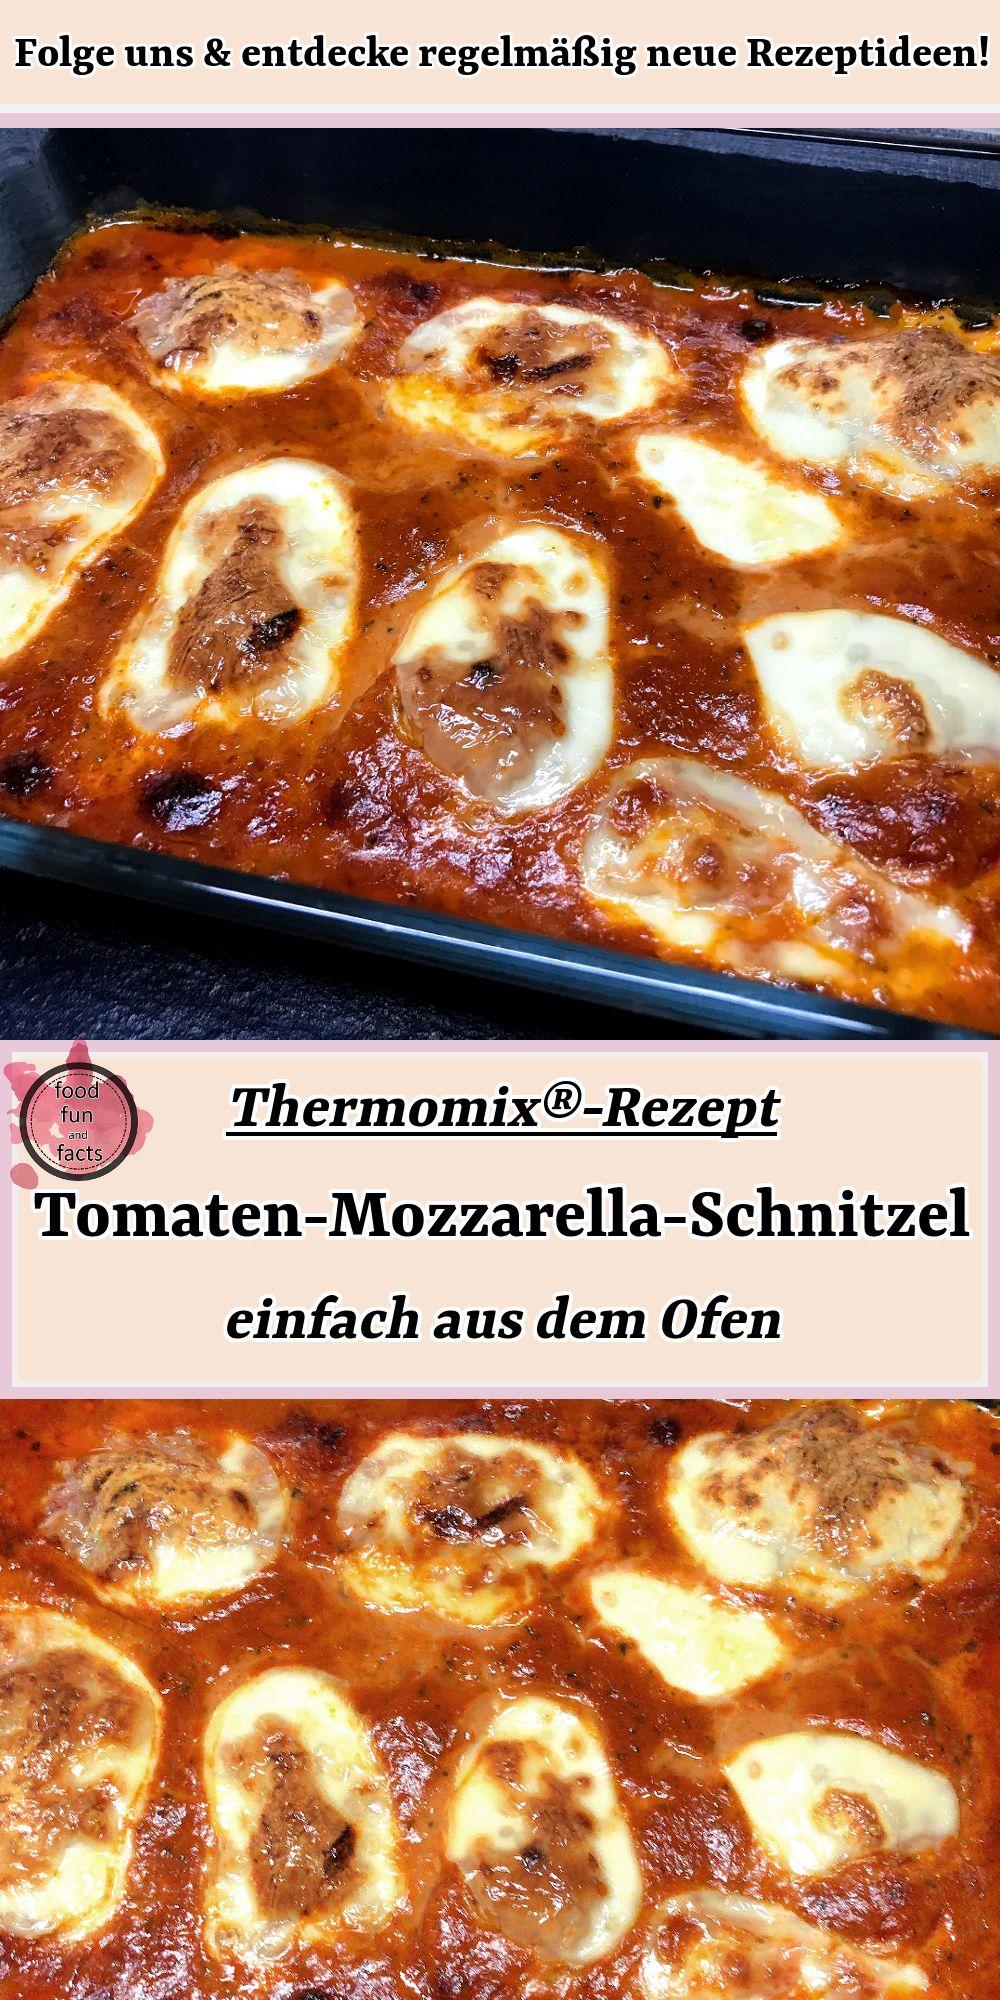 Tomaten-Mozzarella-Schnitzel – einfach aus dem Ofen | Thermomix-Rezept